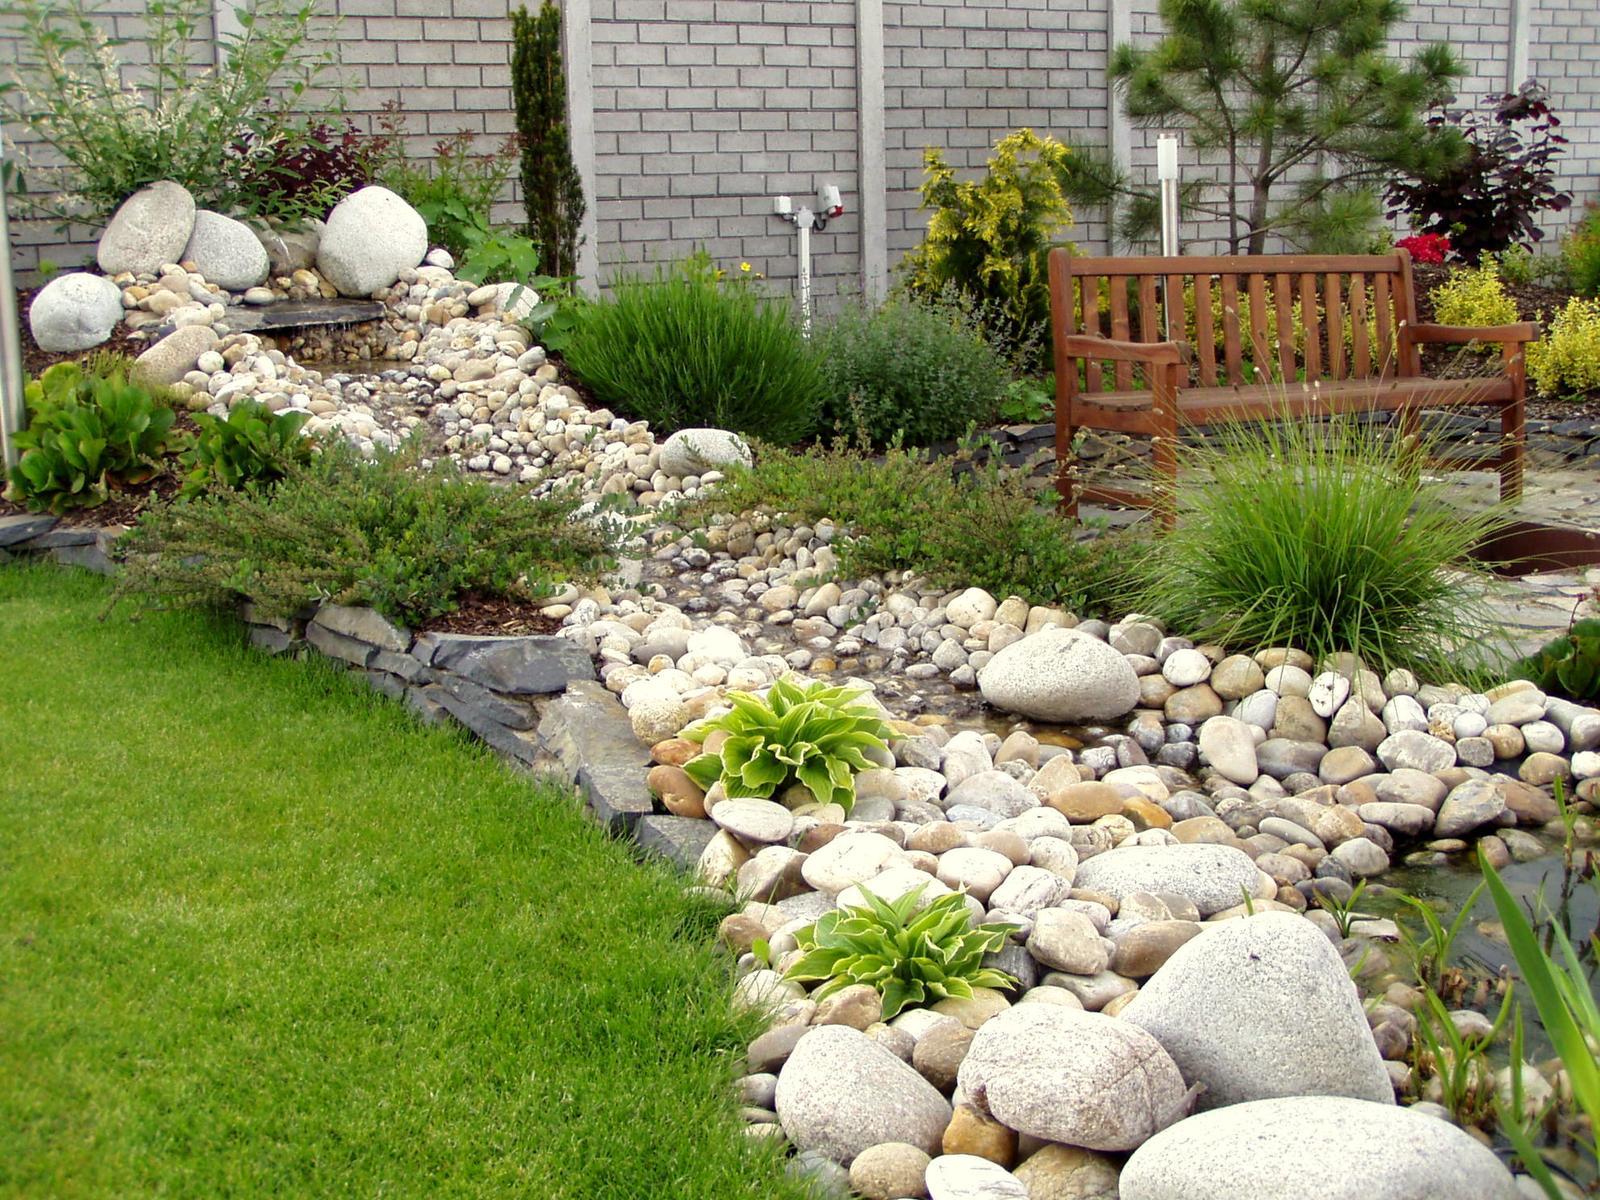 Nápady na zahradu - Obrázek č. 62